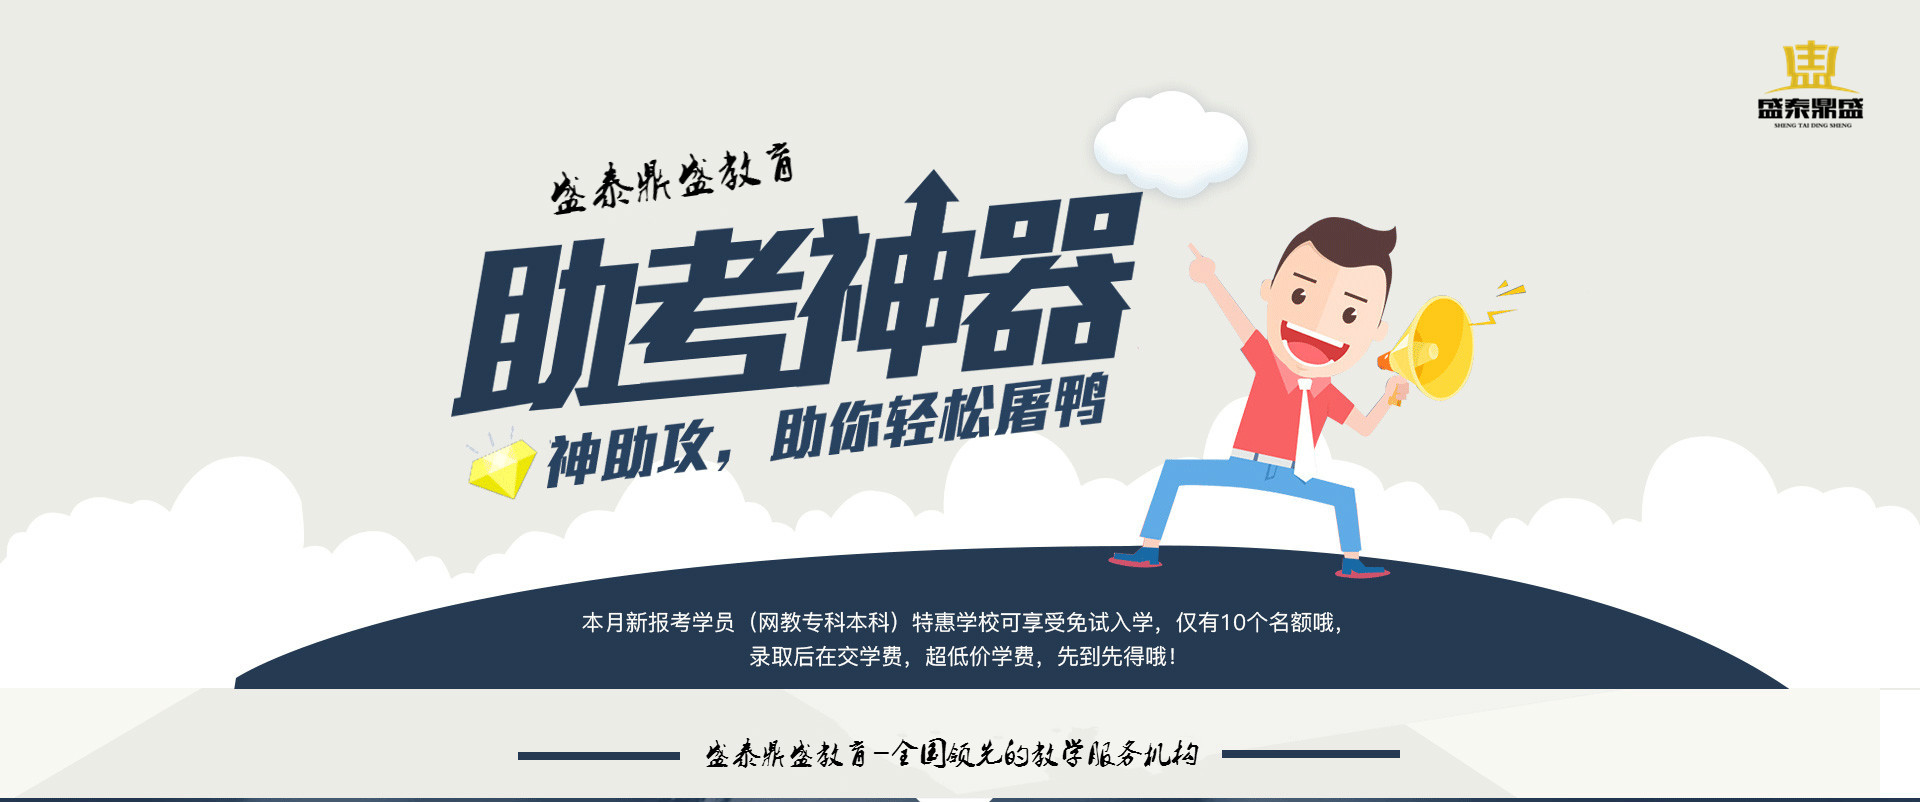 楚雄网教报名自考大专本科学历提升stds.com.cn